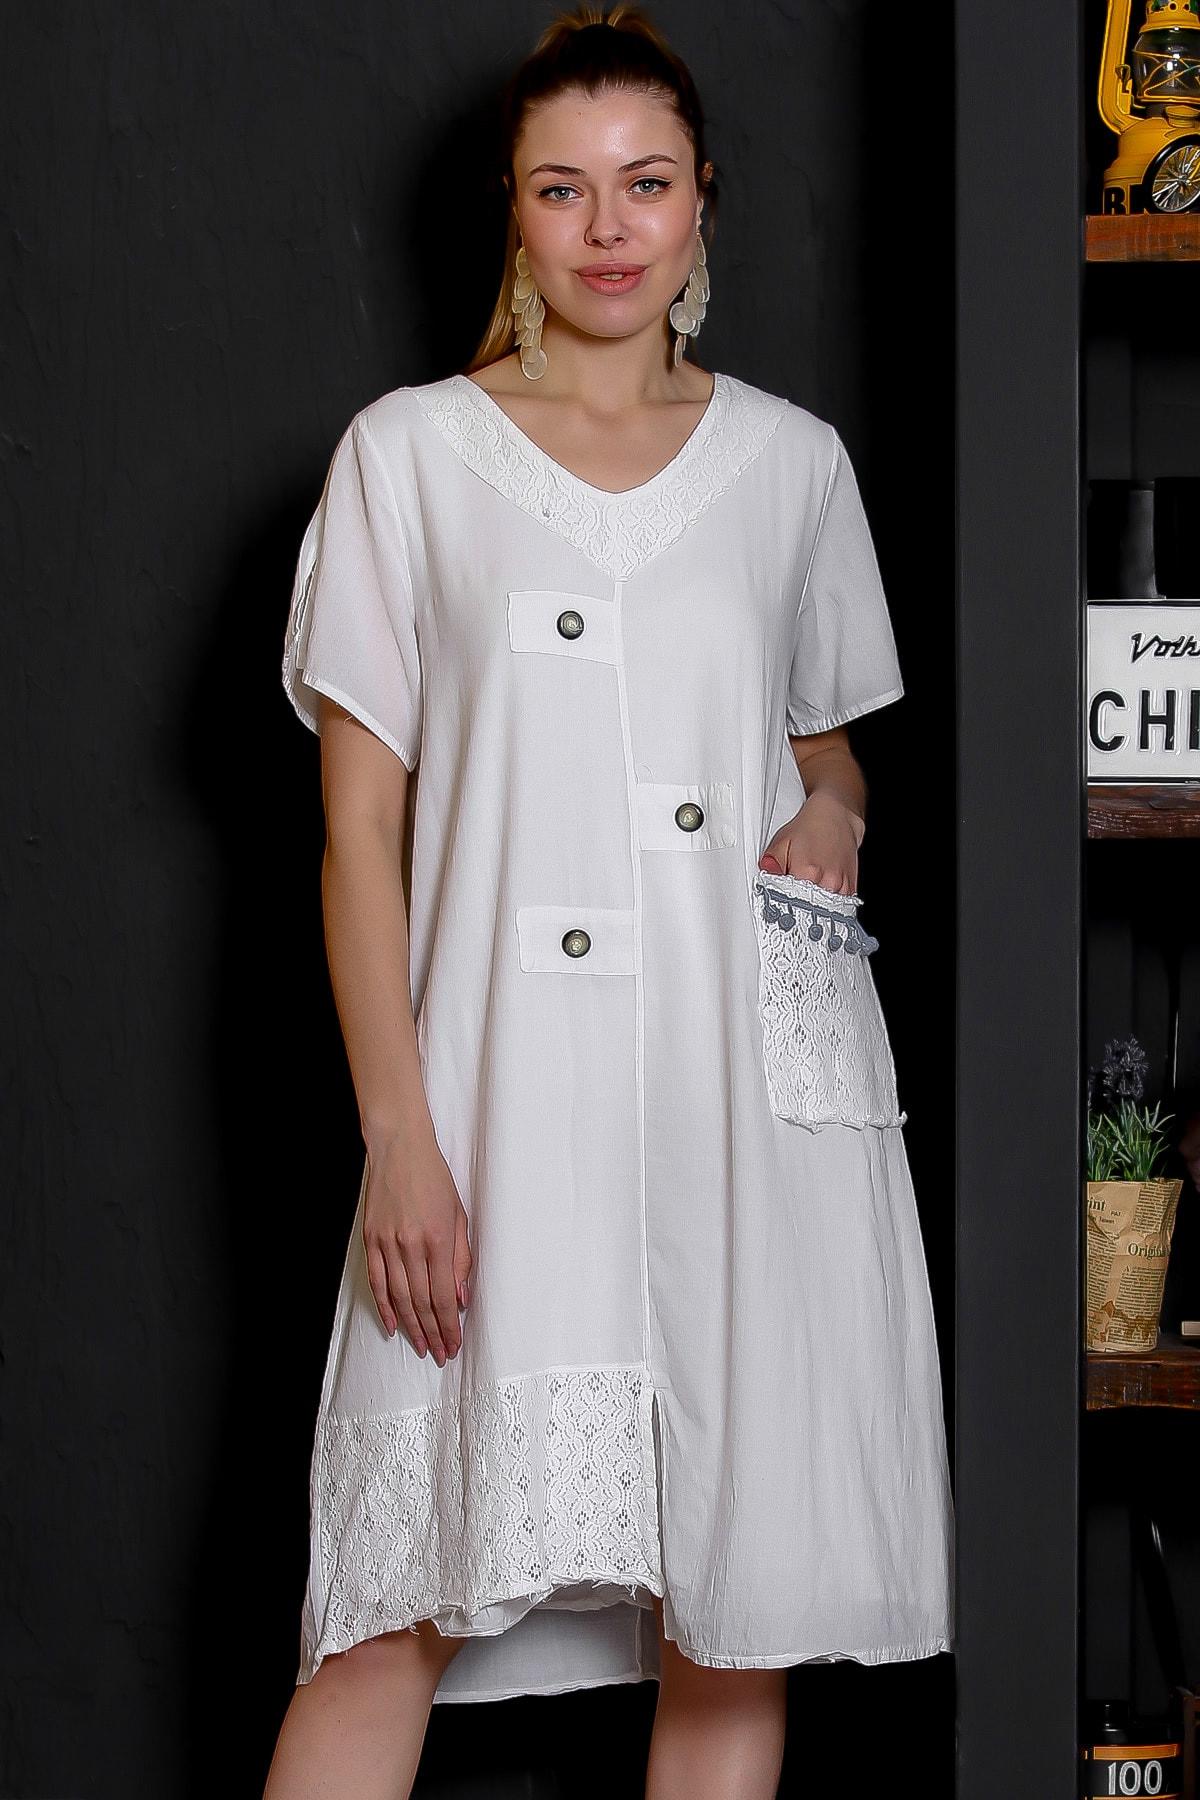 Chiccy Kadın Beyaz Dantel Yaka Ve Cep Detaylı Süs Düğmeli Astarlı Yıkamalı Elbise M10160000EL95281